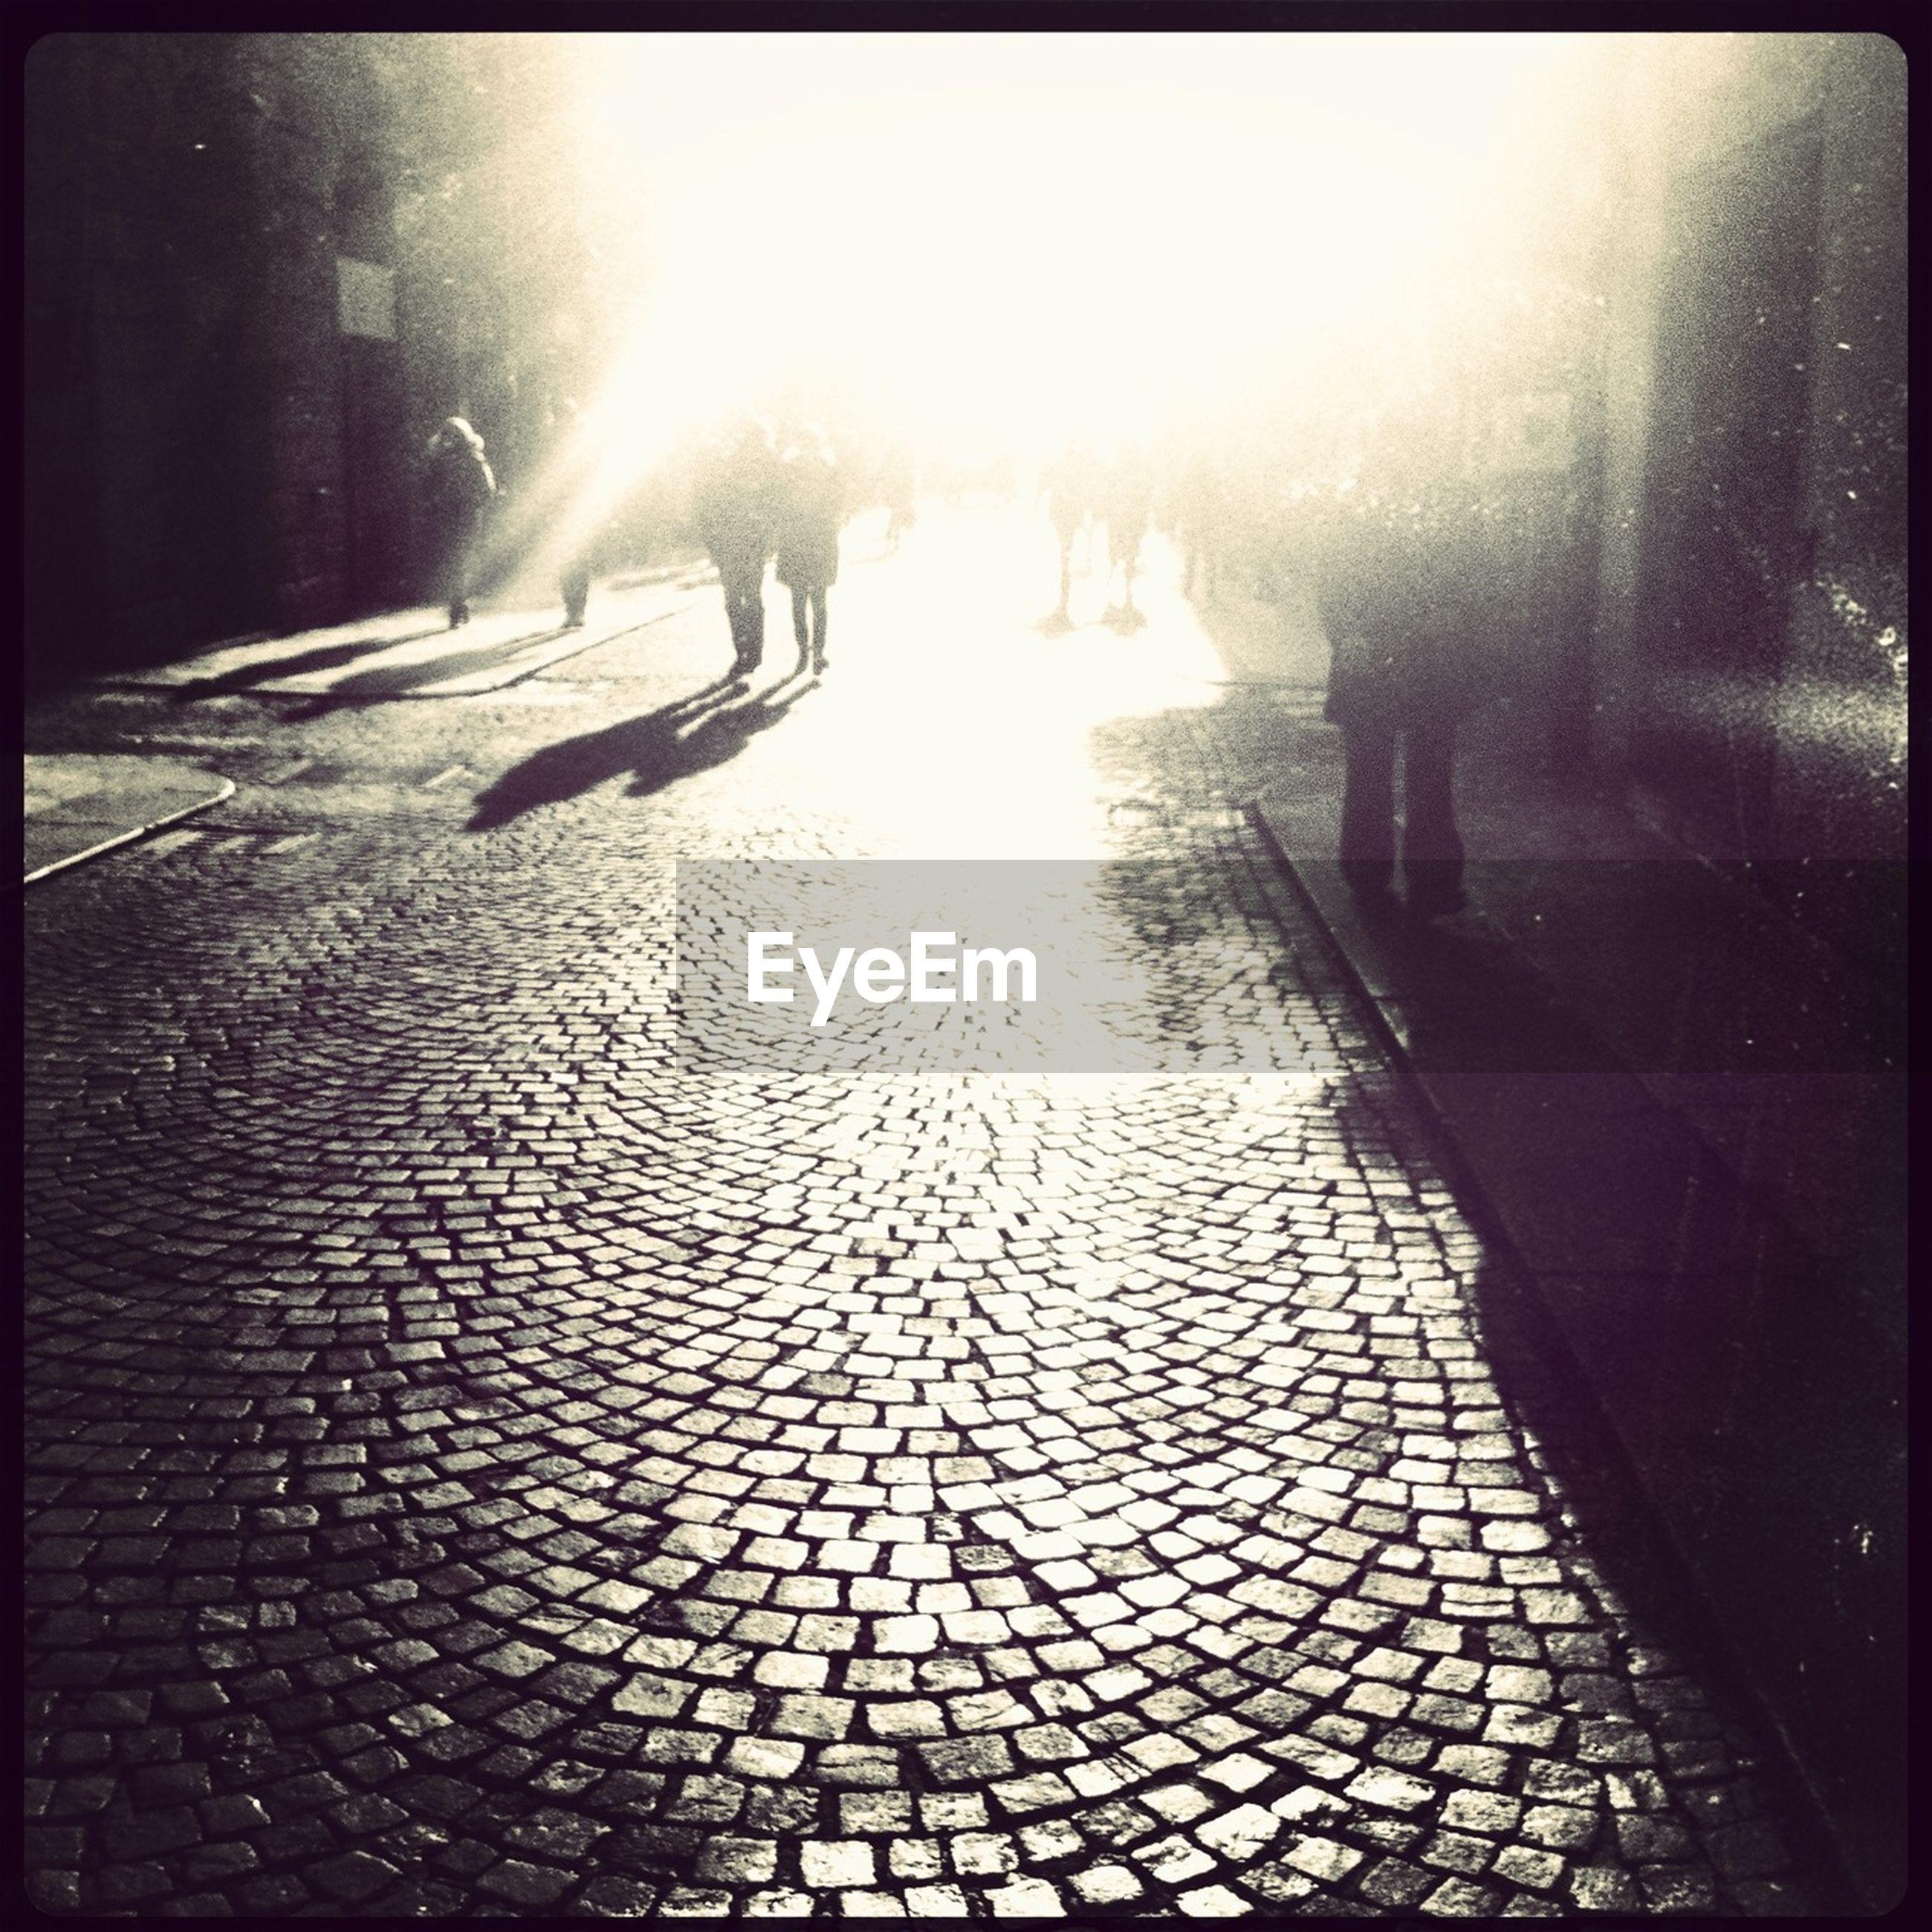 People walking in distance on cobblestone street